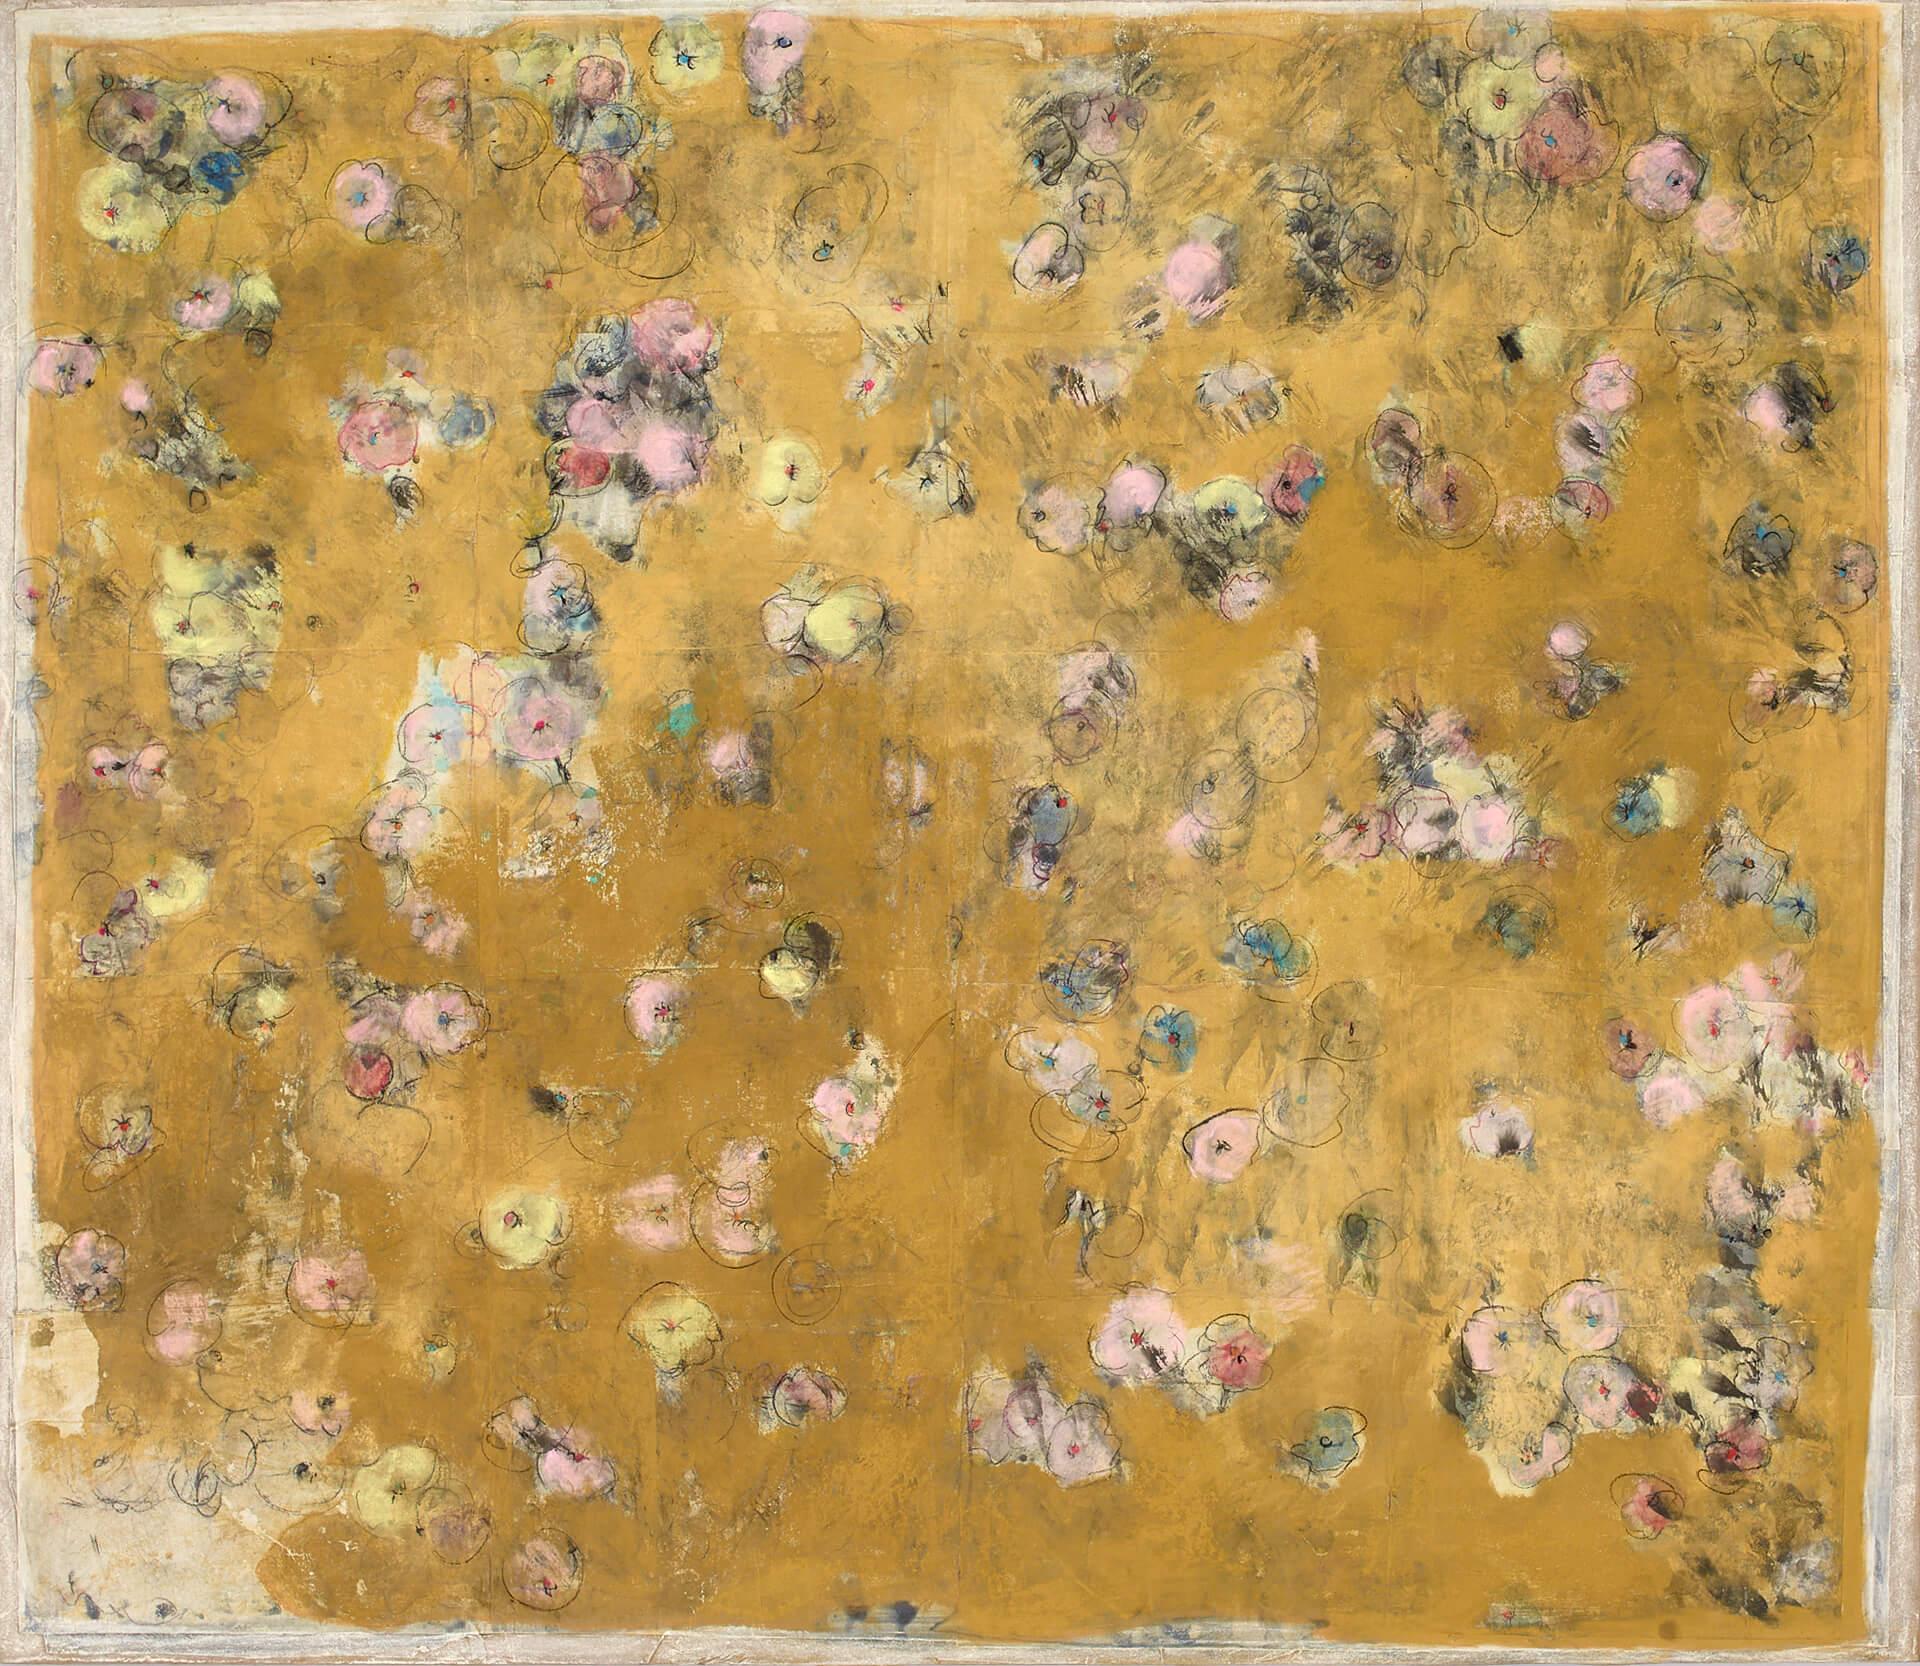 ARTENVIELFALT Erblühen, blossom